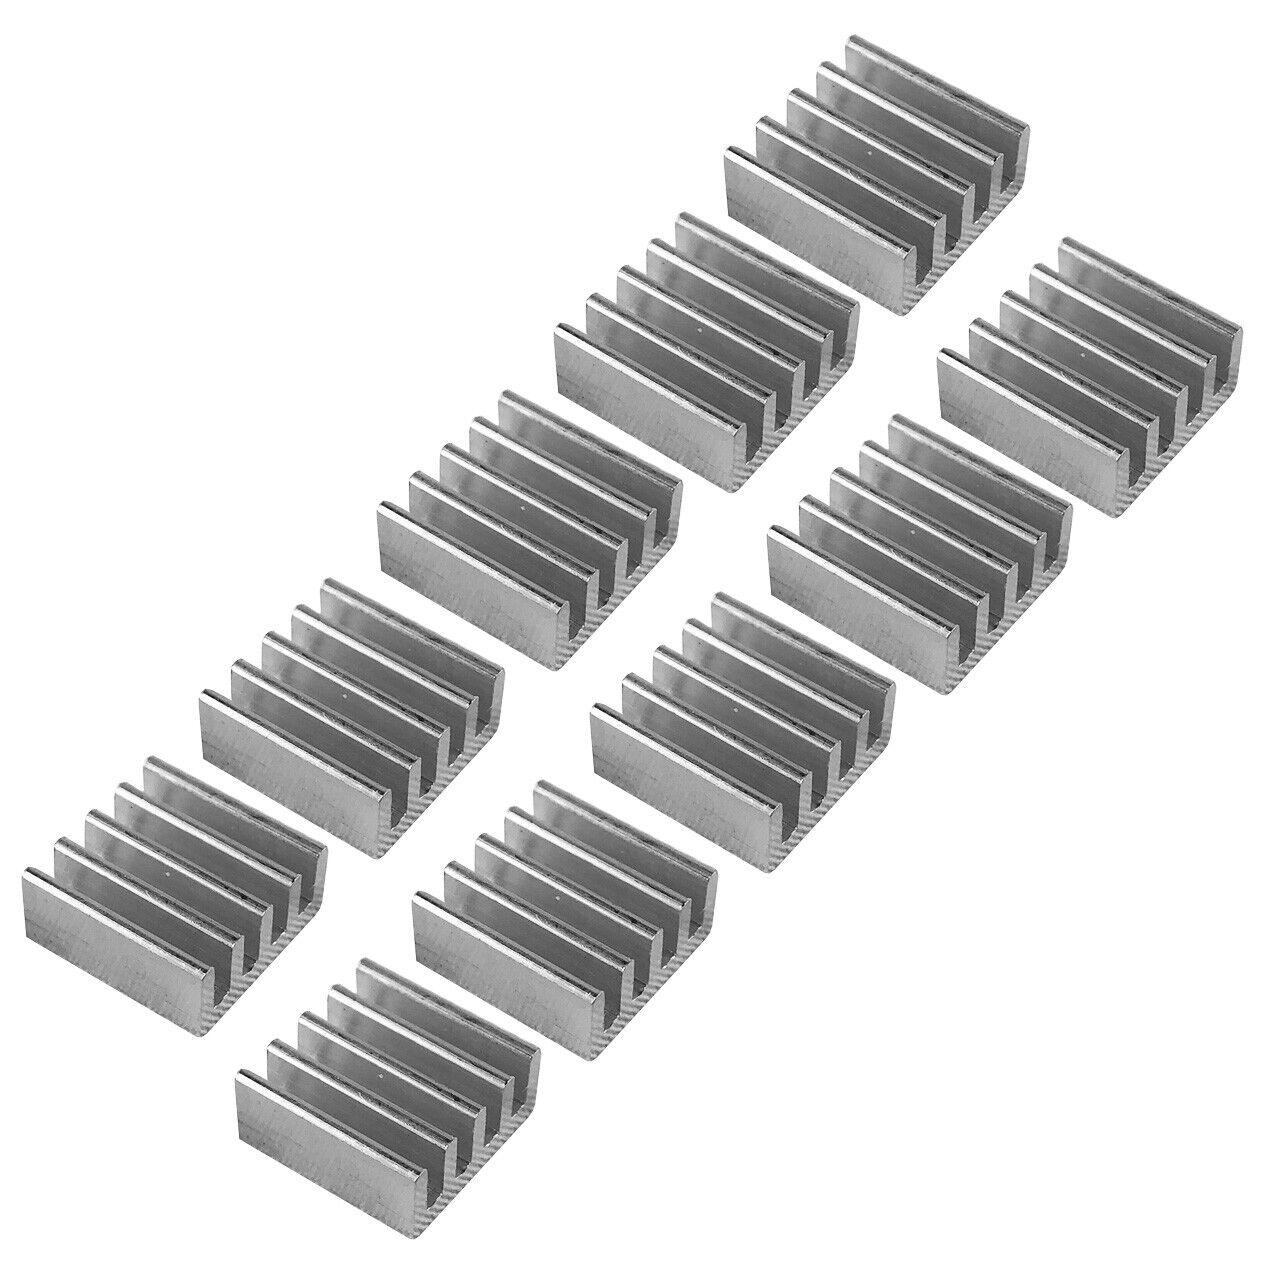 Aluminum Kühlkörper Heatsink für GPU, VRAM, IC, LED (10-Pack) - 11*11*5mm